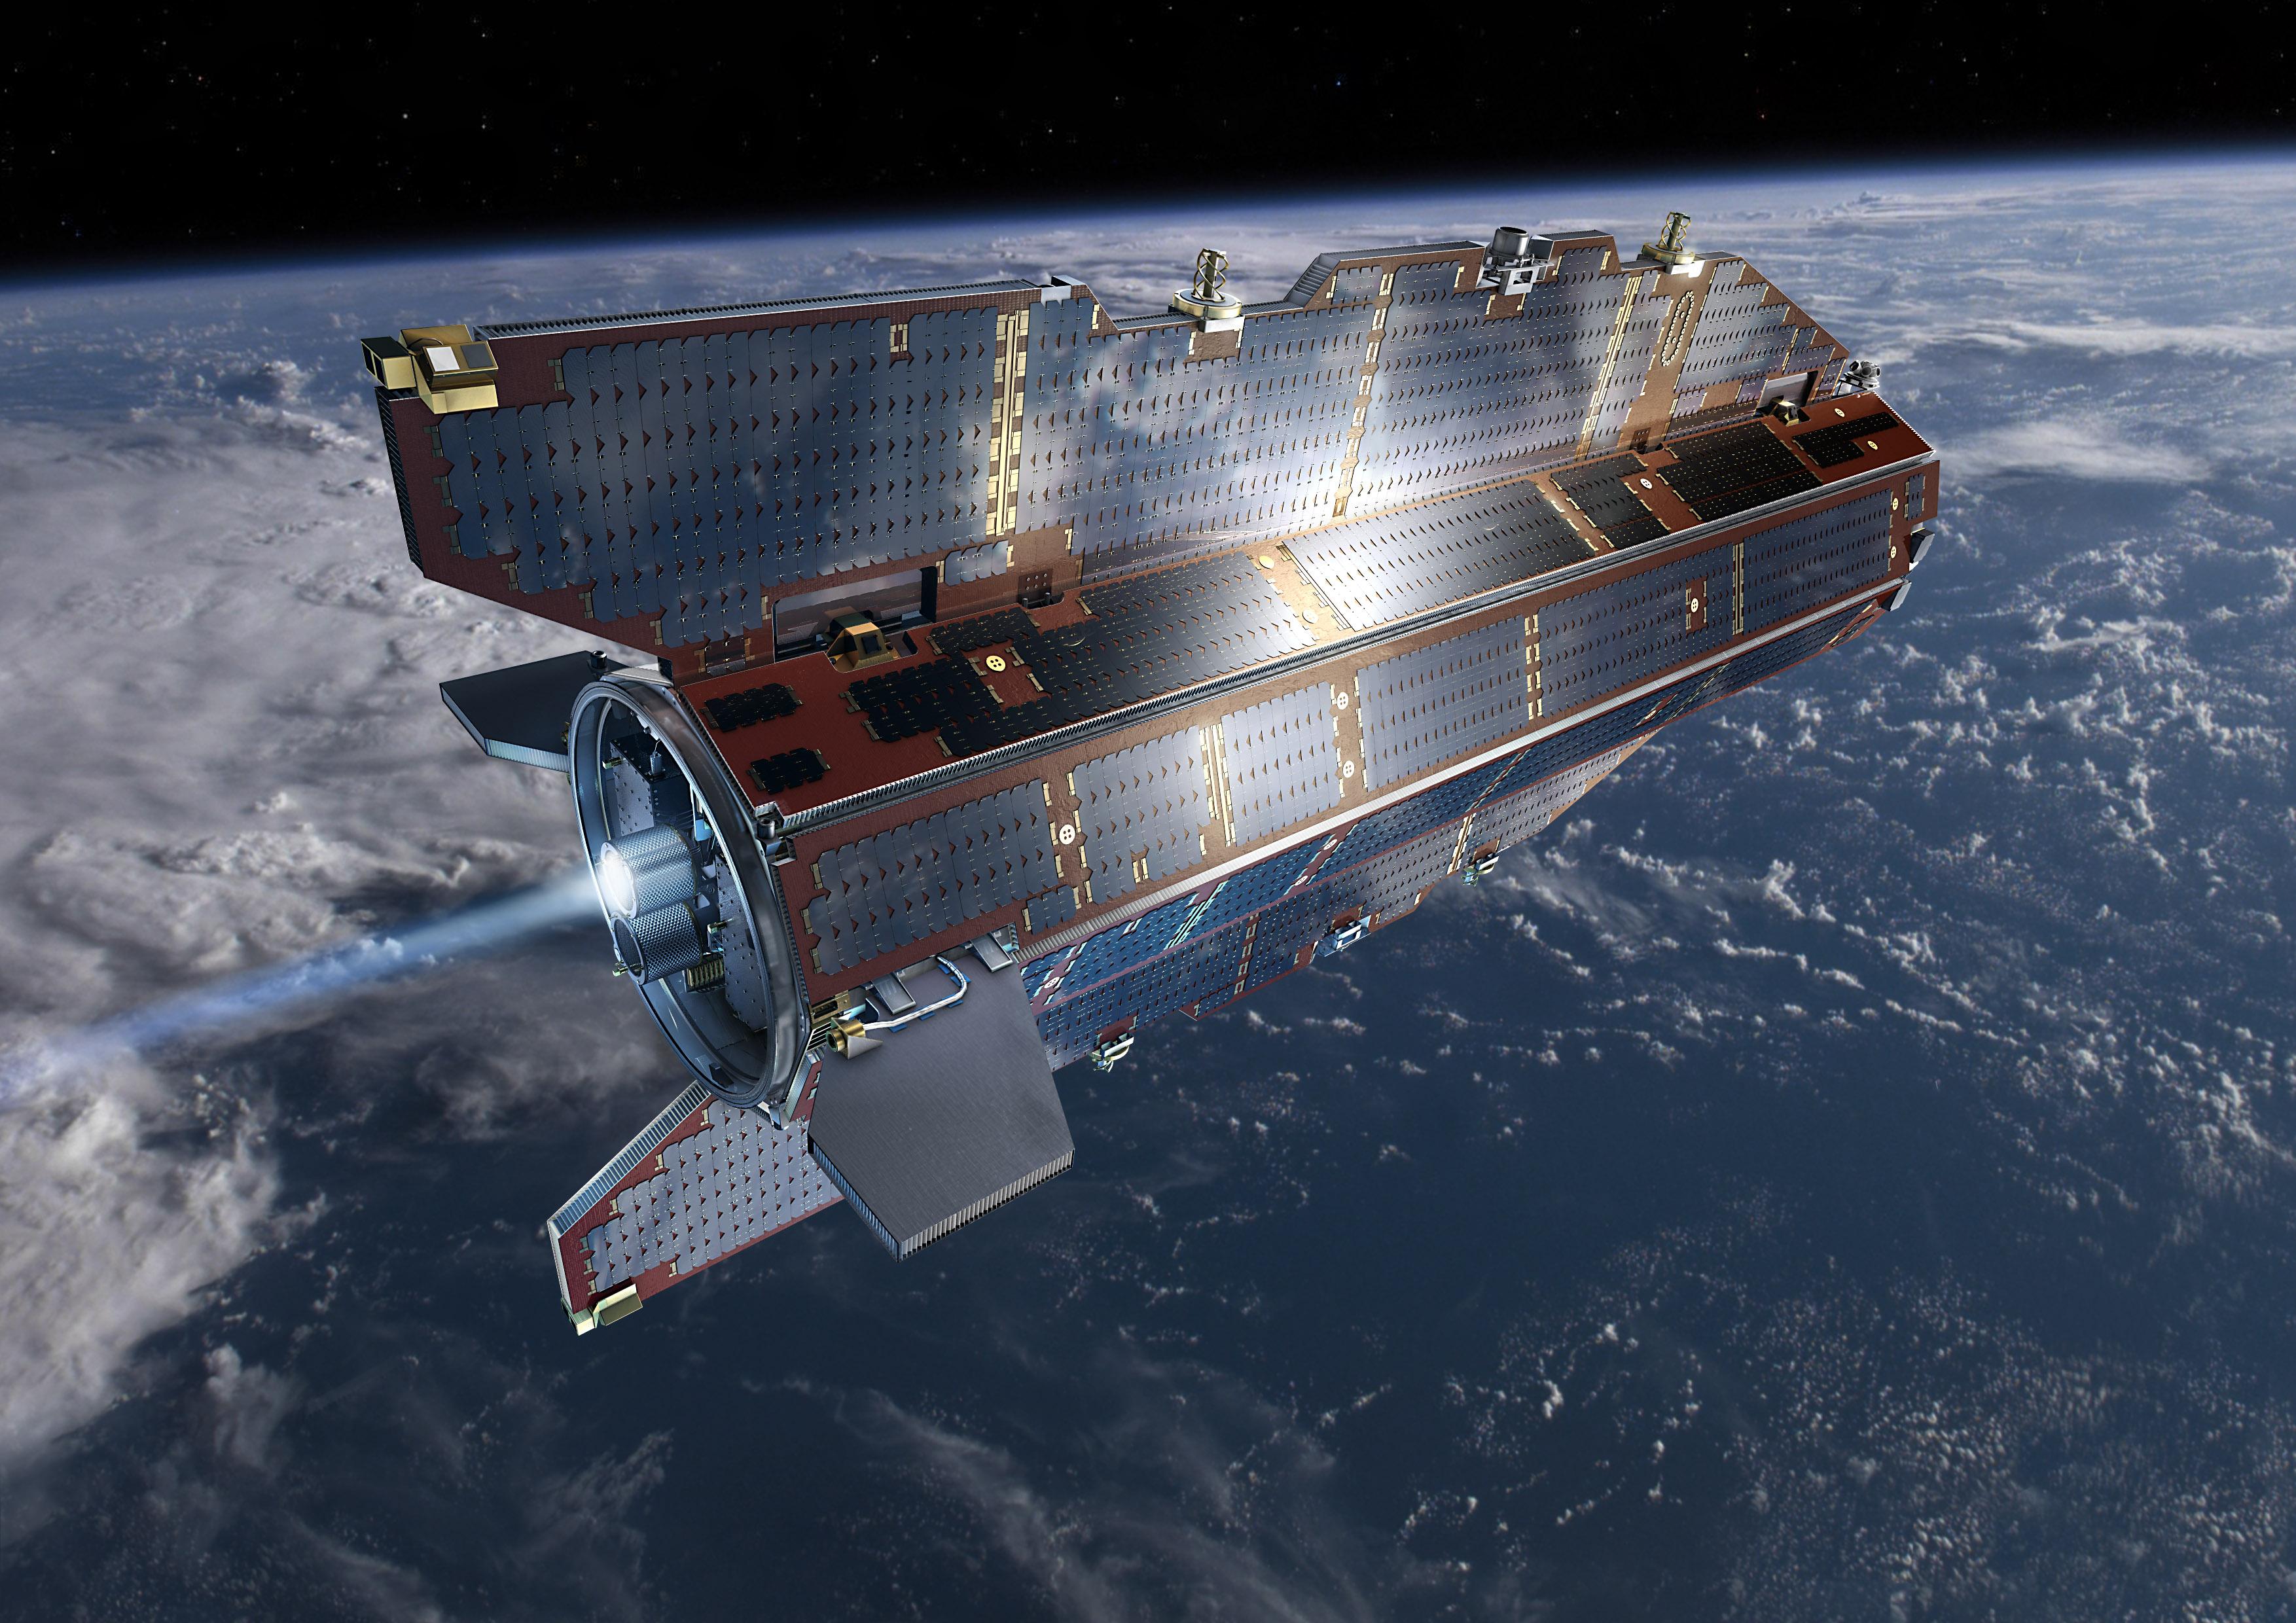 GOCE, Gravity field and steady-state Ocean Circulation Explorer, undersøker jordas tyngdefelt. Illustrasjon: ESA